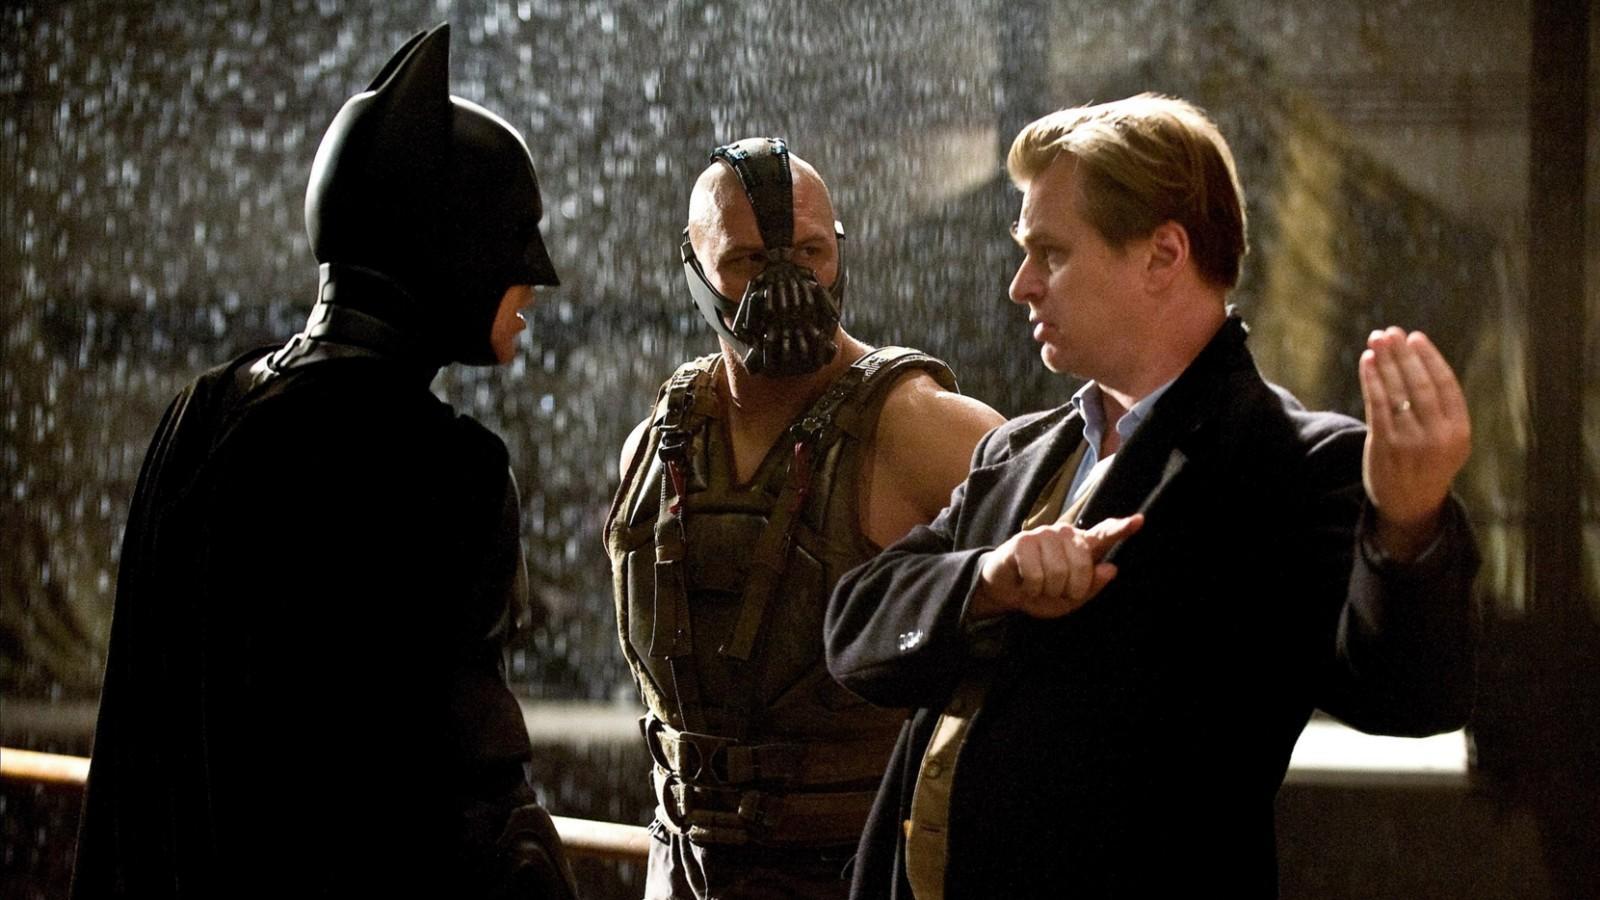 """Míg Nolan 9 filmje összesen 27 Oscar-díjat kapott, az író/rendező """"személyesen"""" még nem vitt haza arany szobrocskát. (Warner Bros.)"""